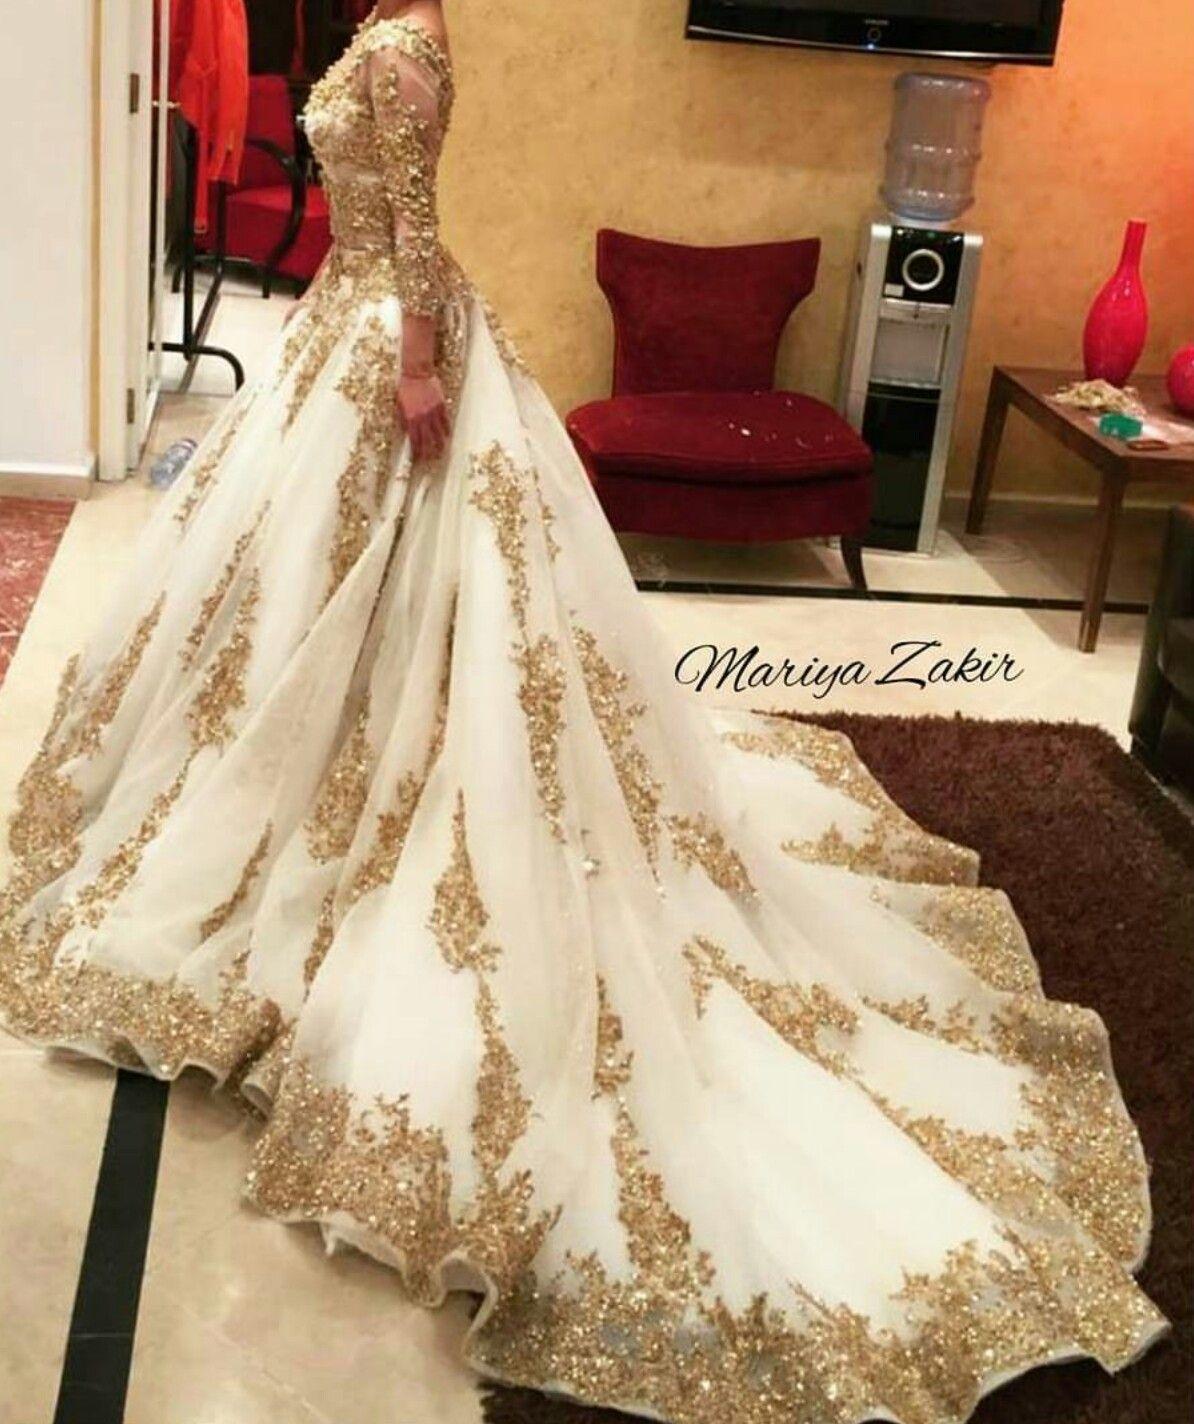 Mariya Zakir regal wedding dress. Amazing... fit for a queen ...